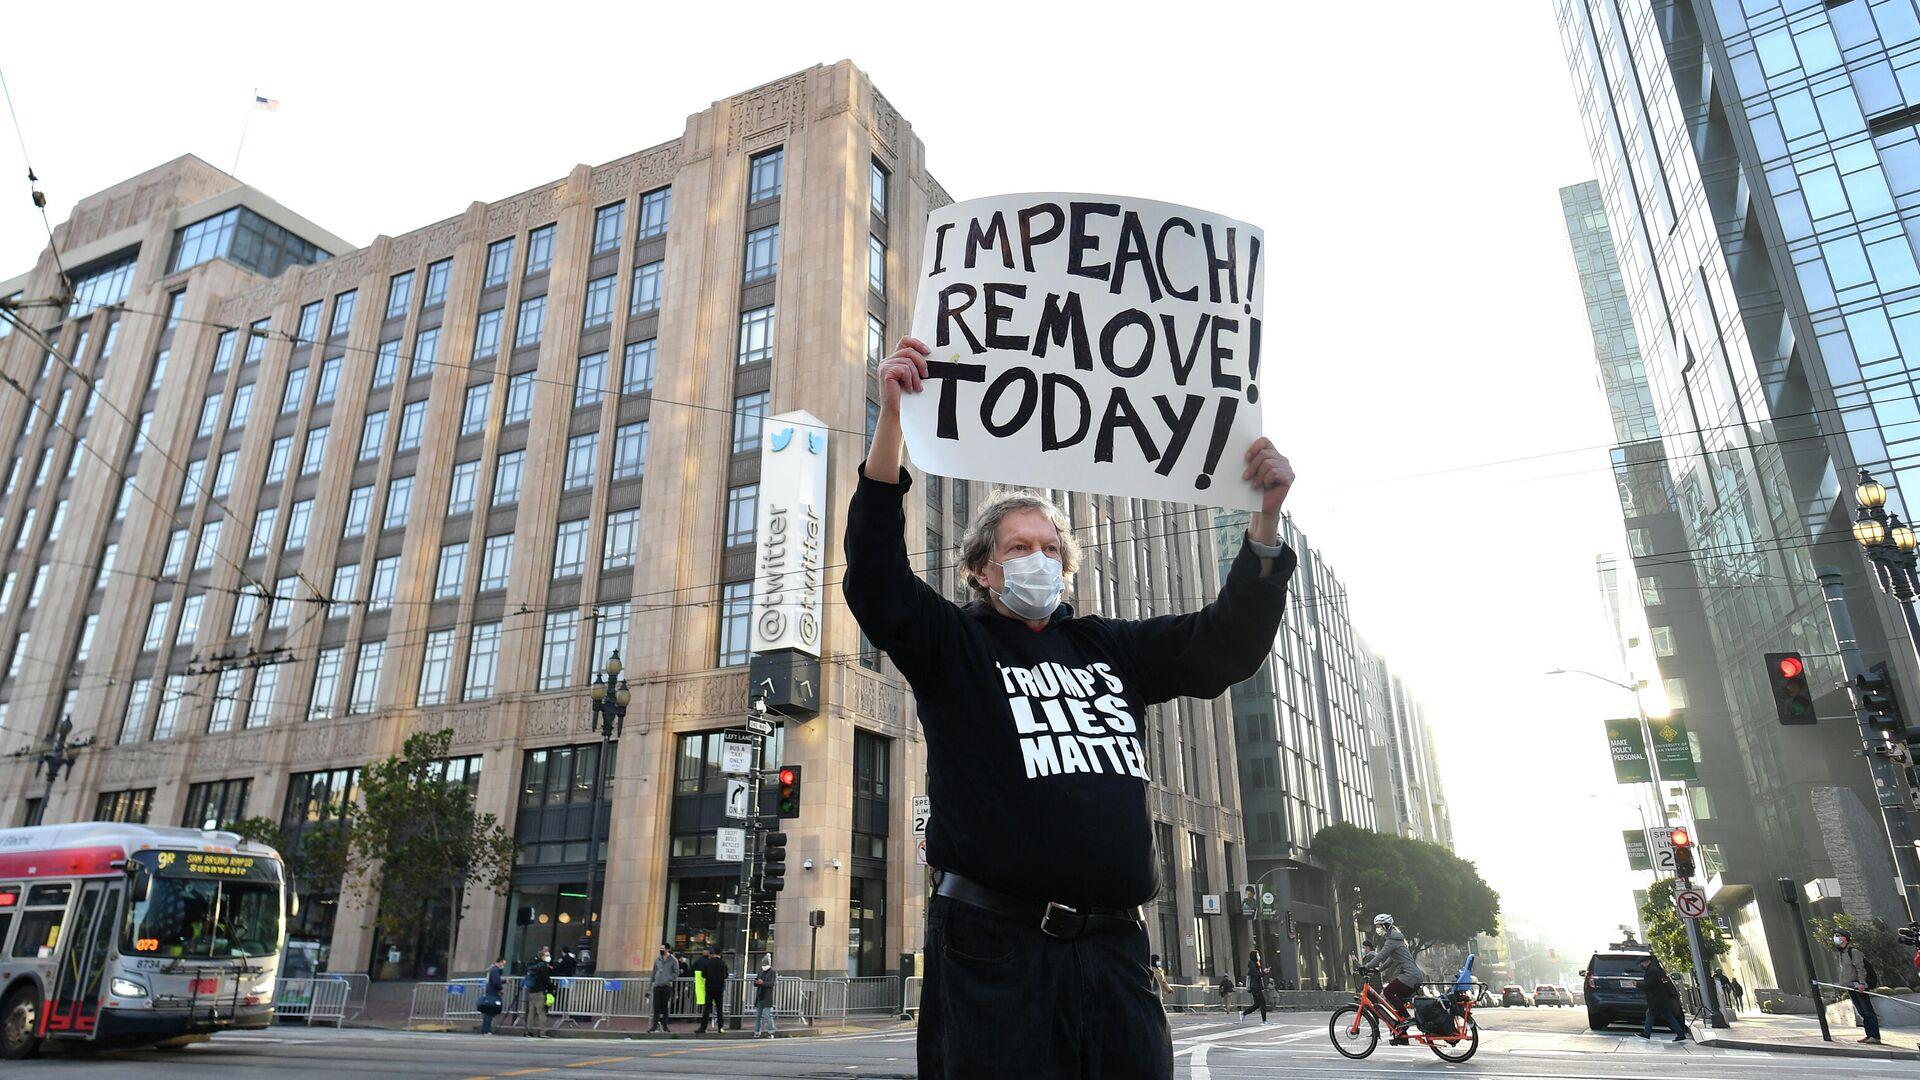 Одиночный пикет против президента США Дональда Трампа у штаб-квартиры Twitter в Сан-Франциско - РИА Новости, 1920, 14.01.2021